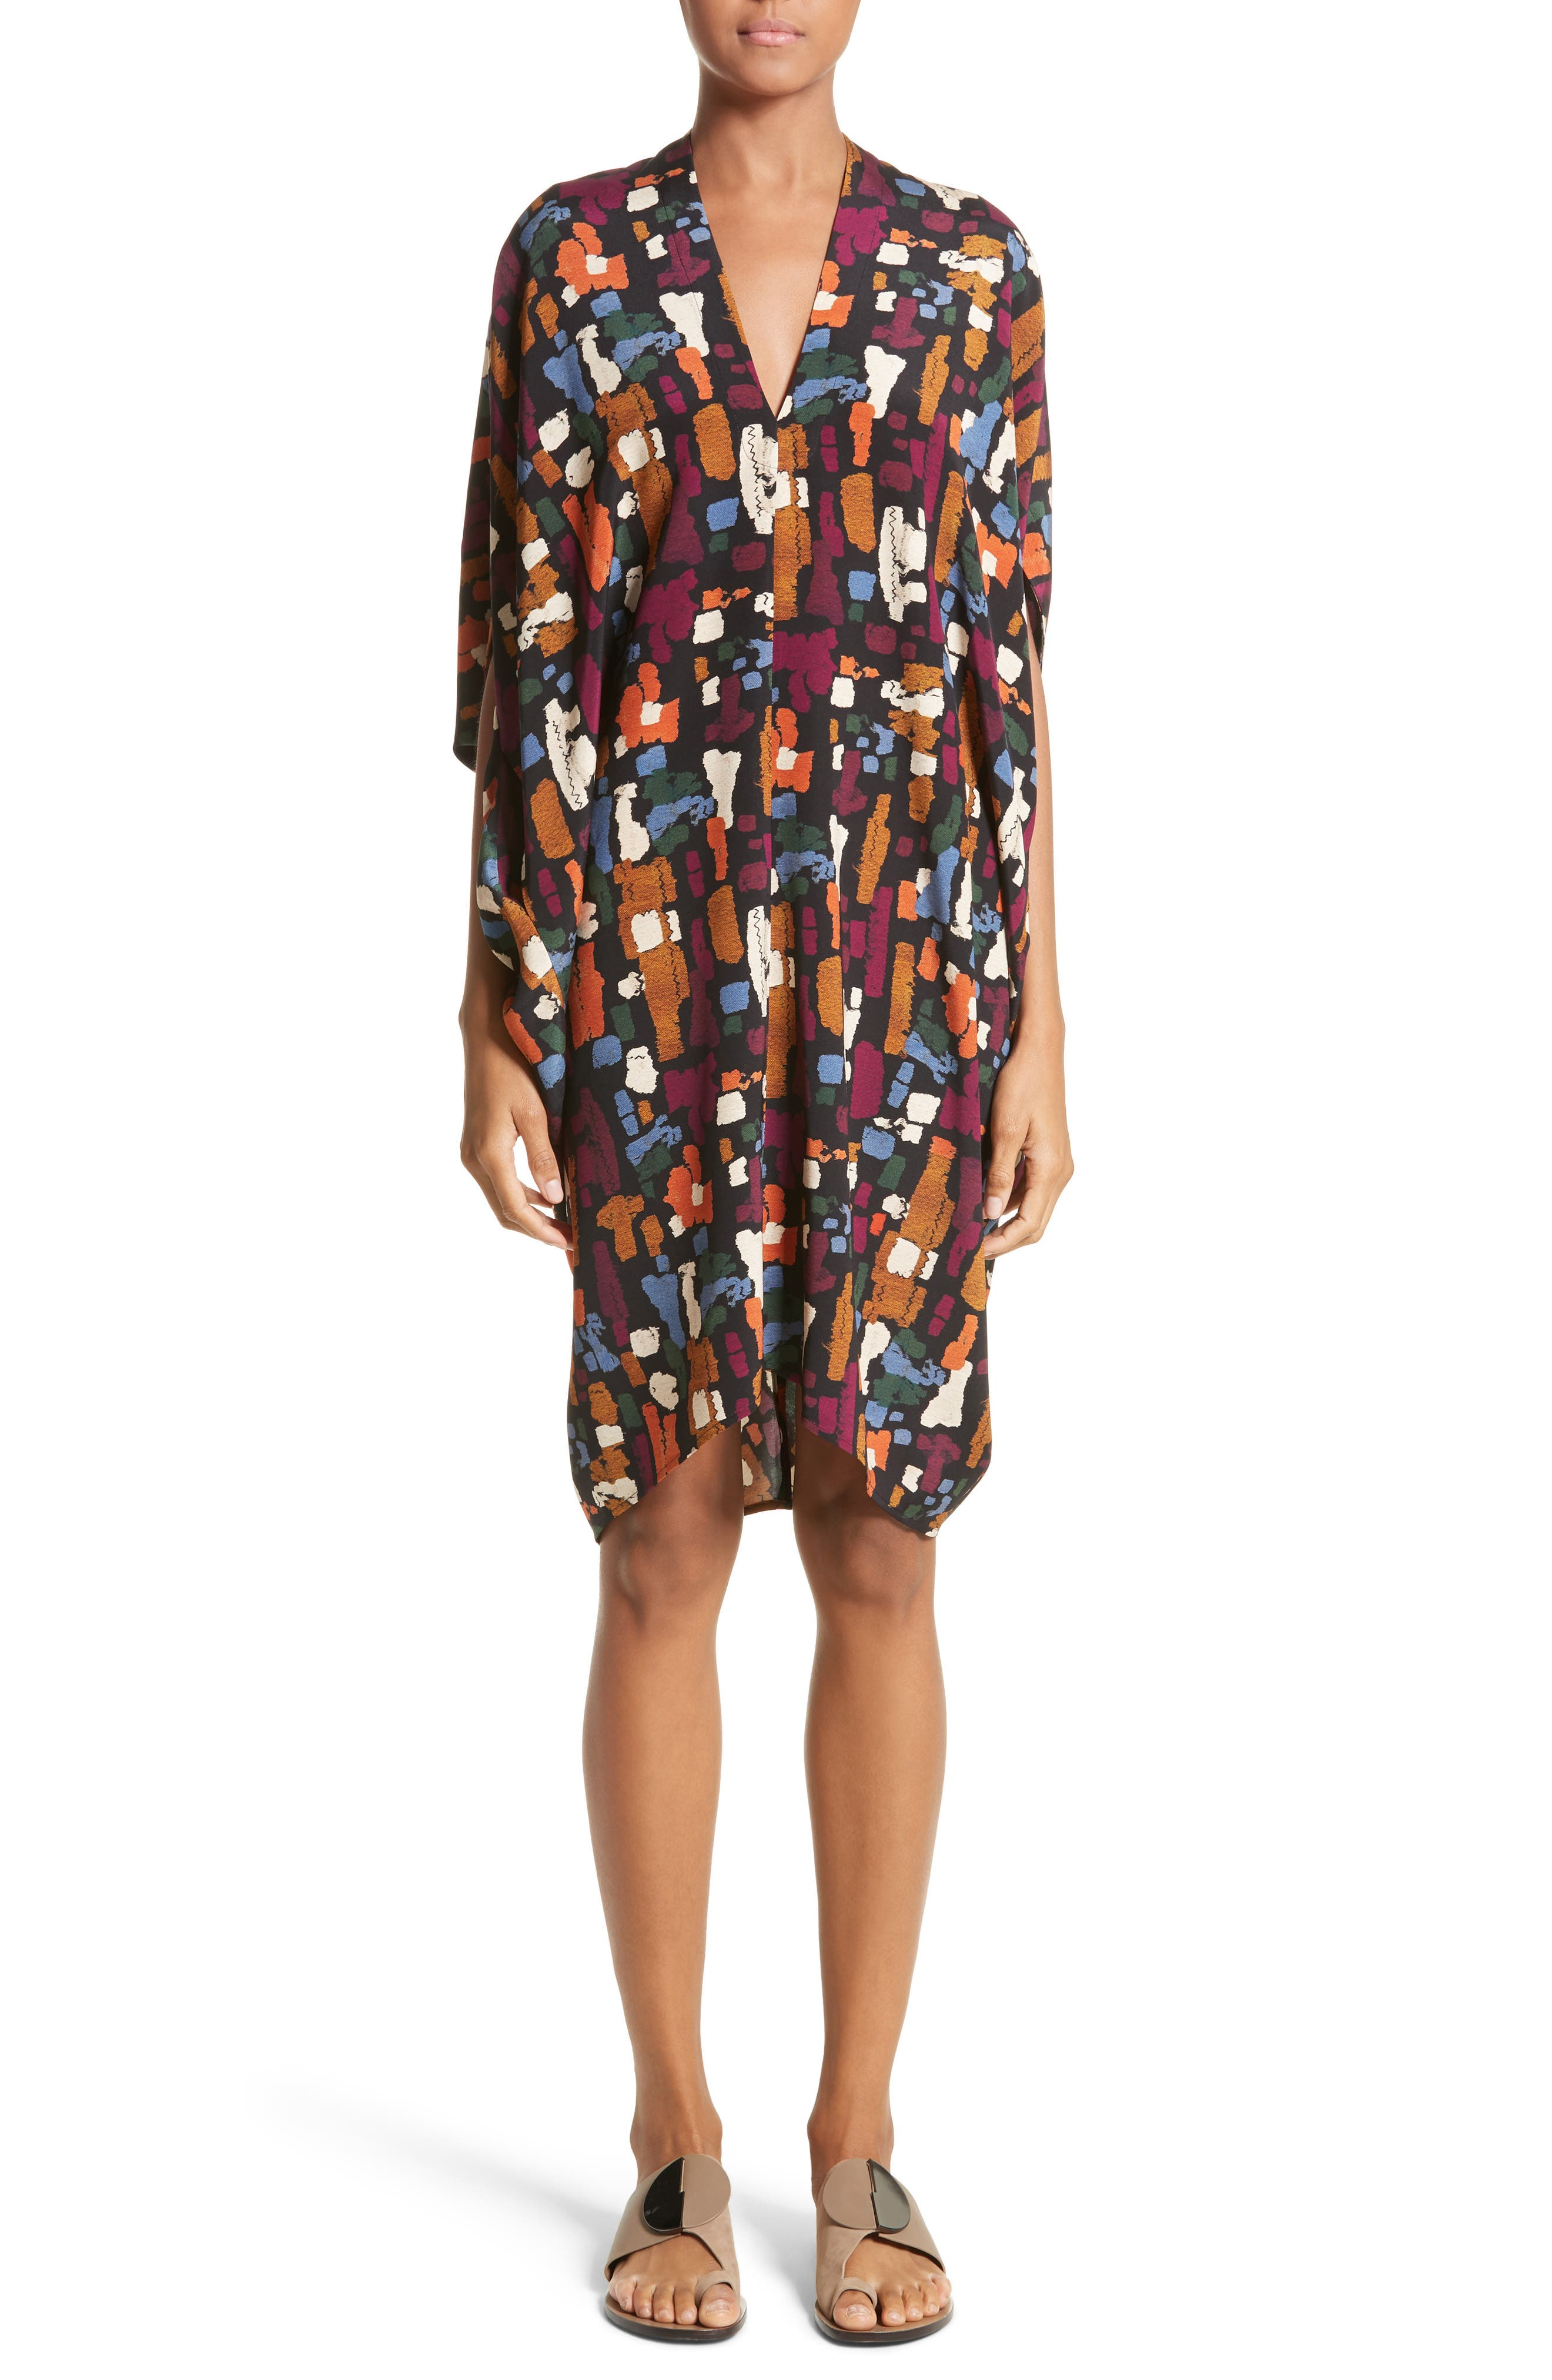 Zero + Maria Cornejo Print Stretch Silk Drape Dress